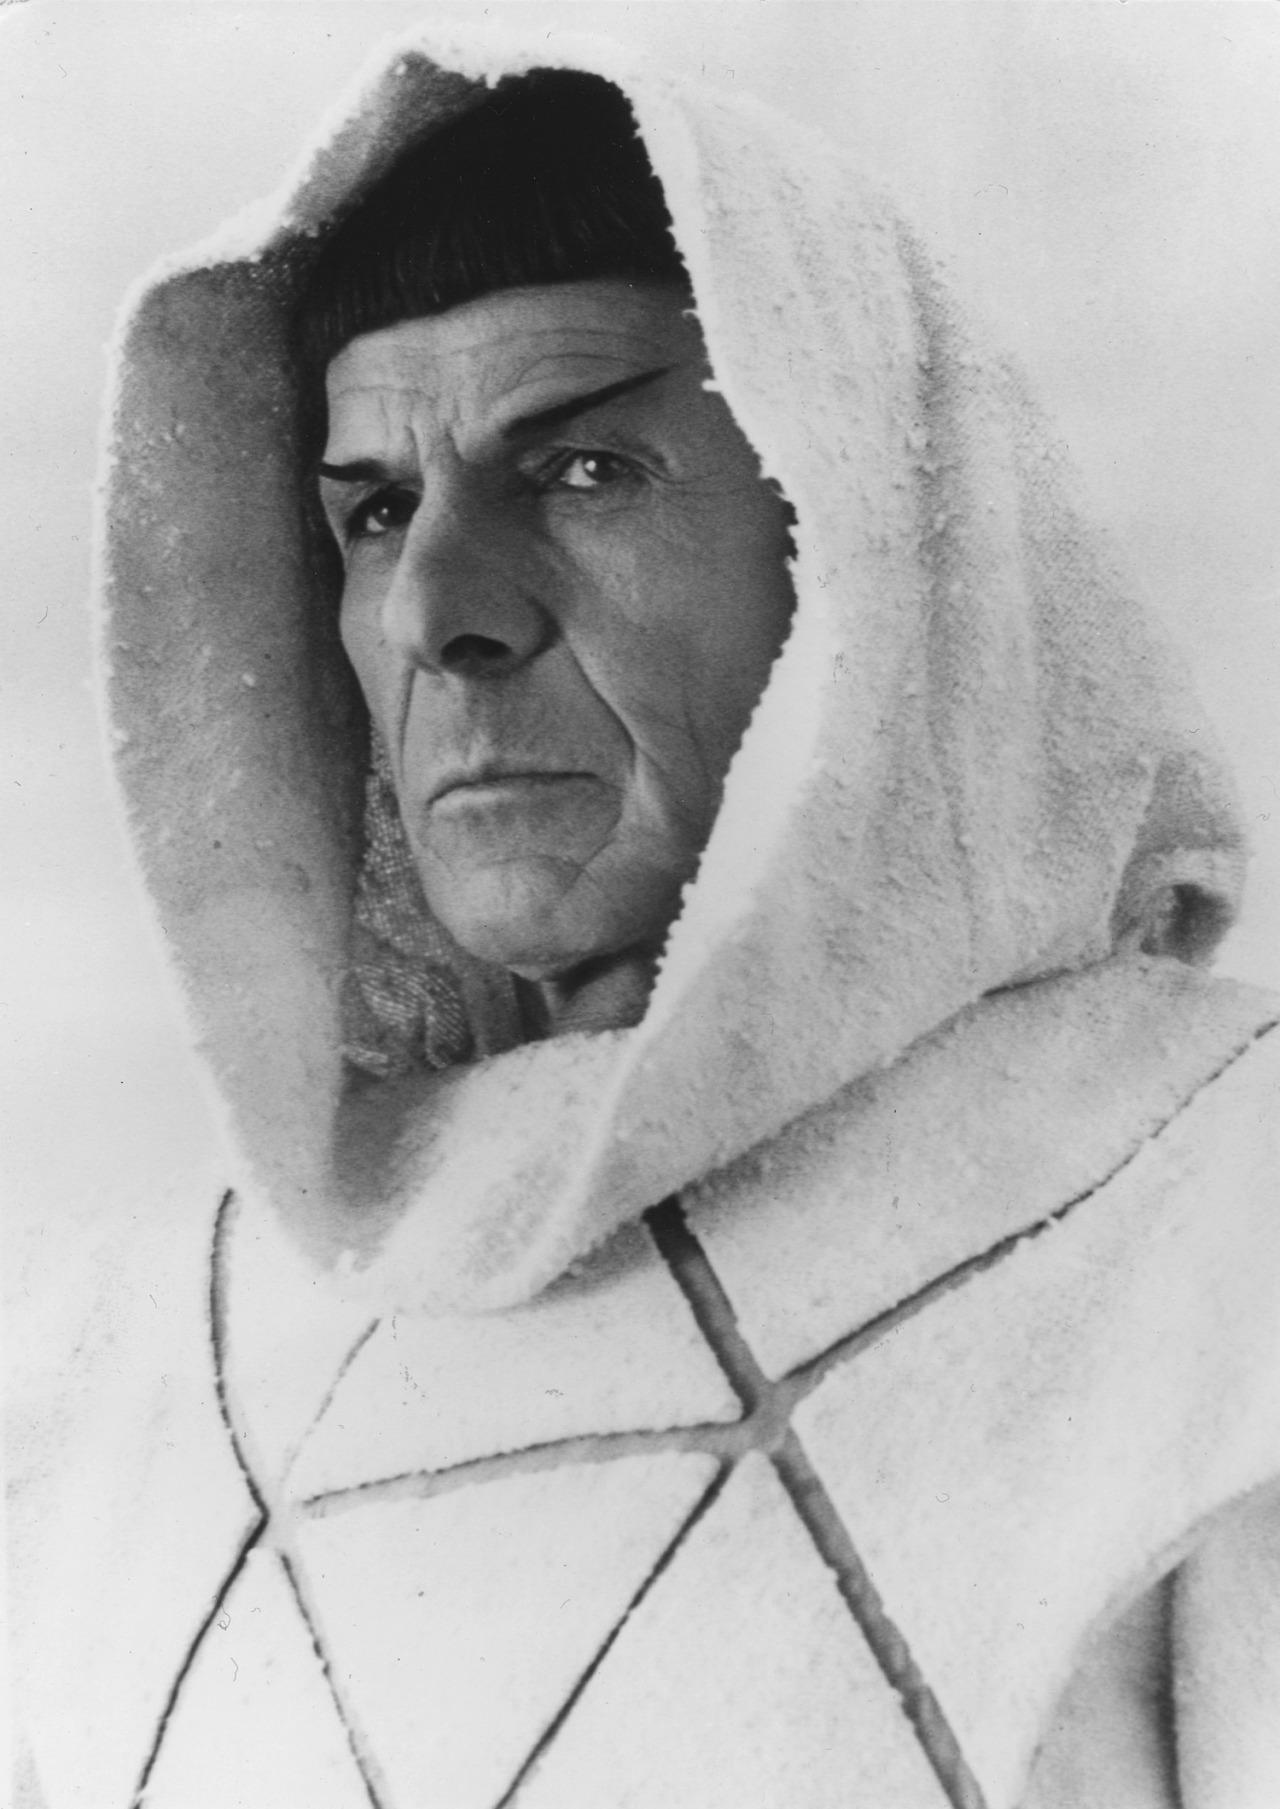 Hooded Spock